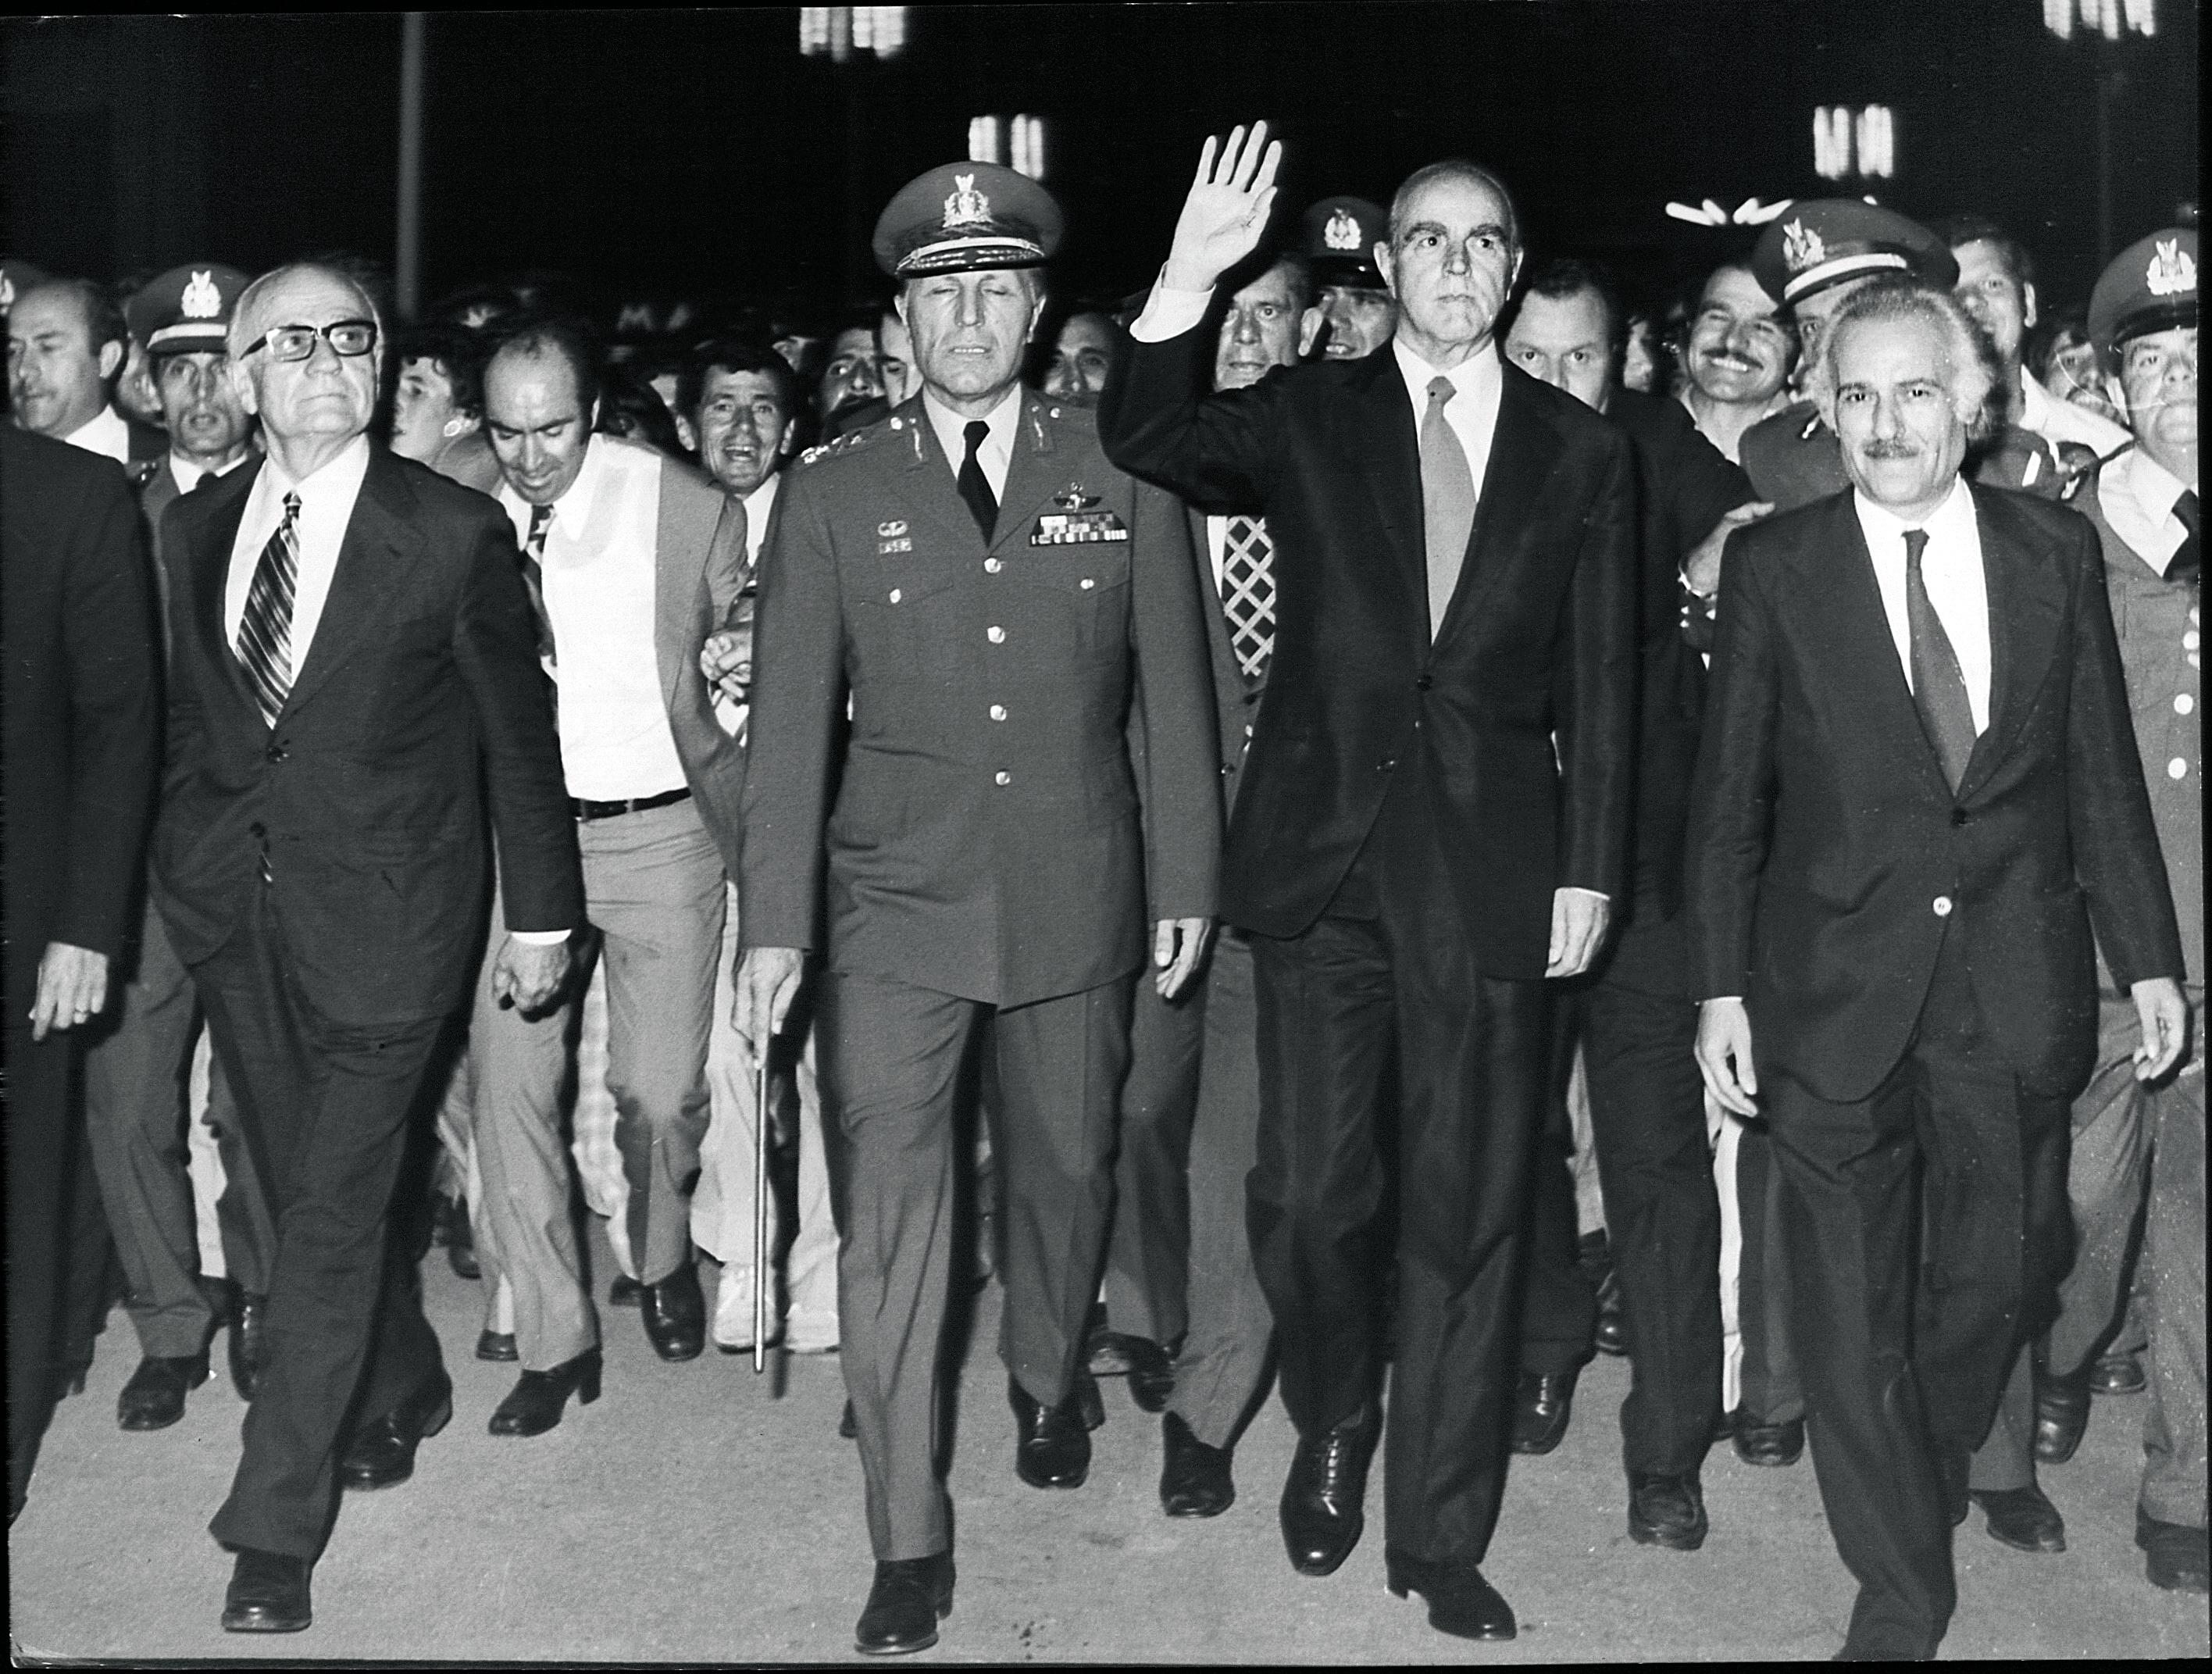 1974. Ο Κωνσταντίνος Καραμανλής προσέρχεται στα εγκαίνια της έκθεσης